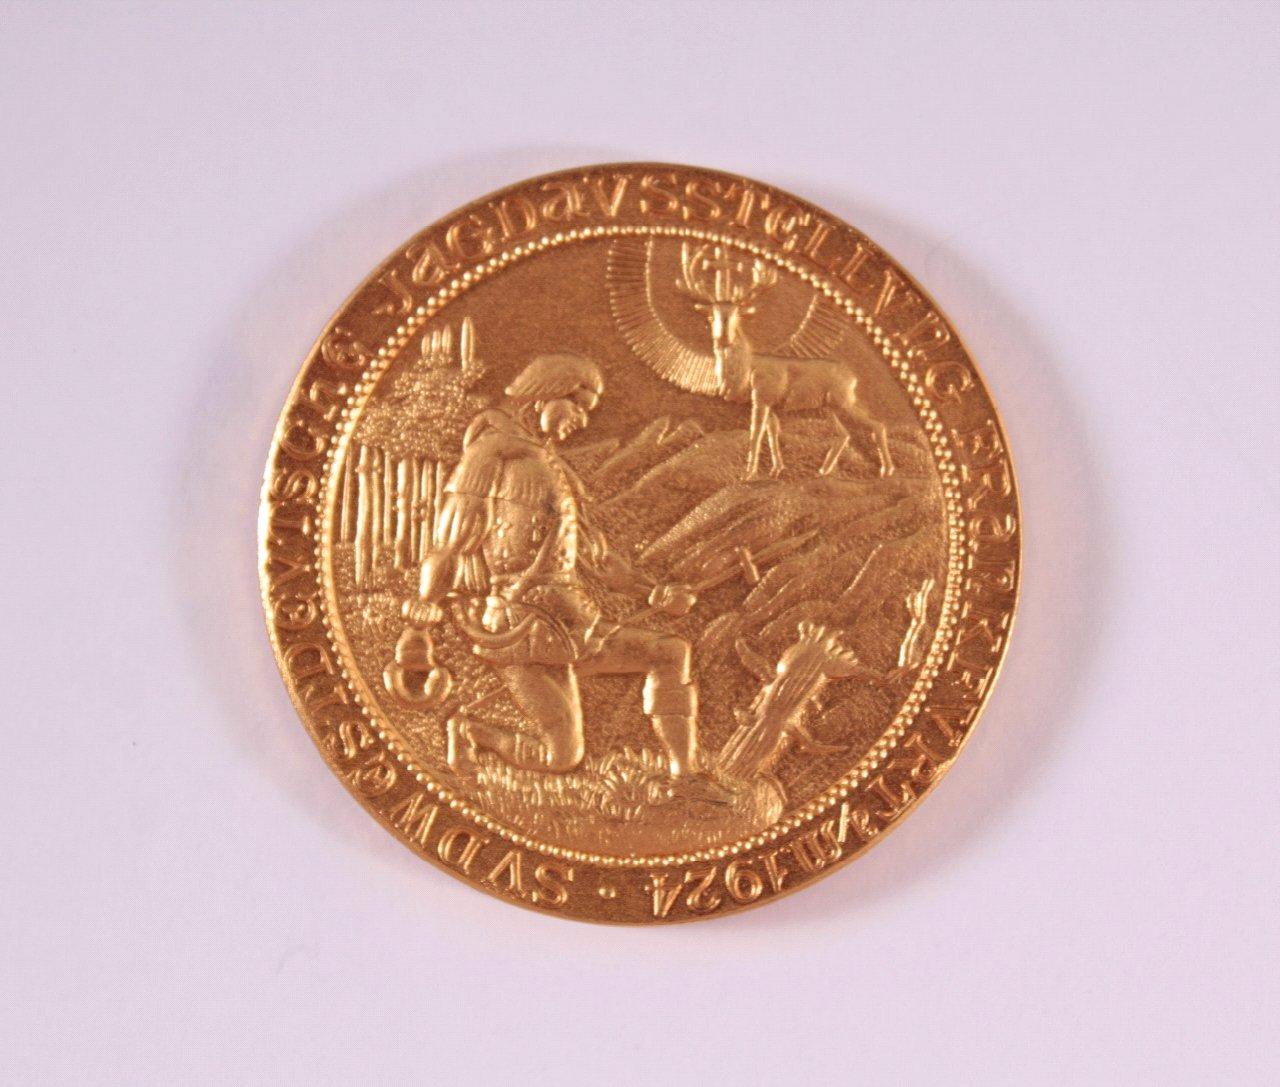 Medaille Südwestdeutsche Jagdausstellung Frankfurt a/M. 1924